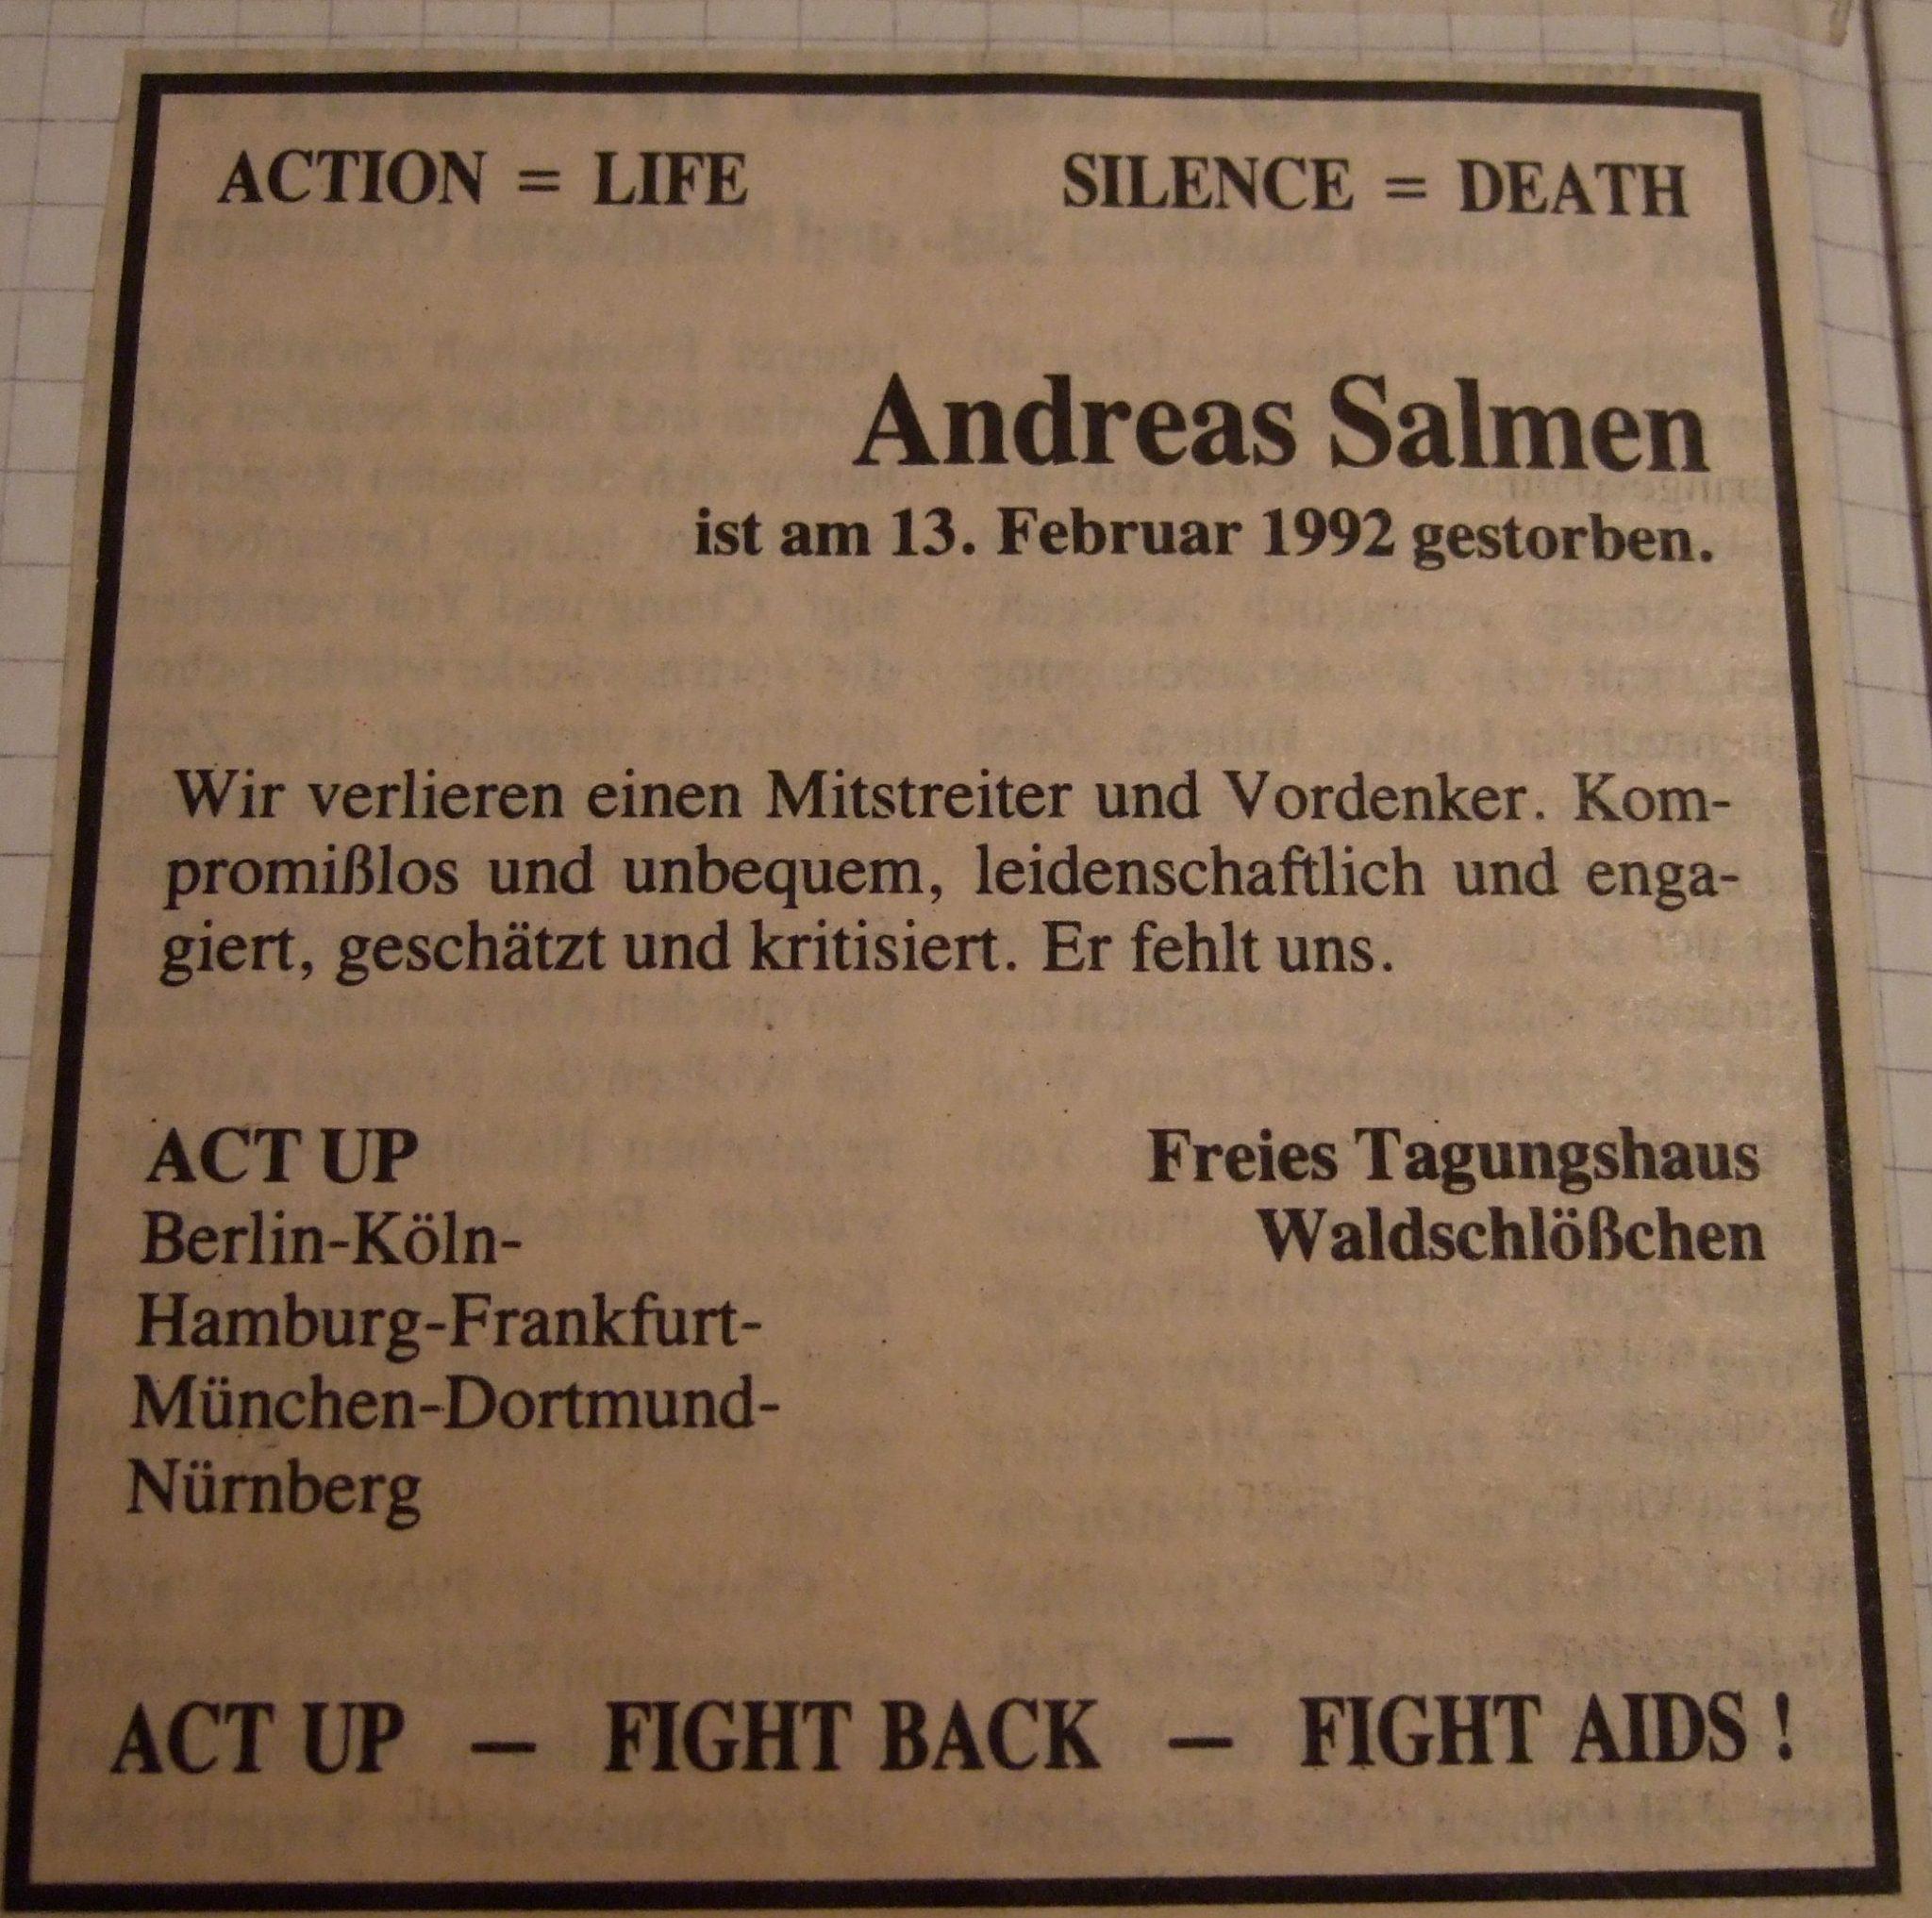 Andreas Salmen - Traueranzeige der ACT UP Gruppen in Deutschland